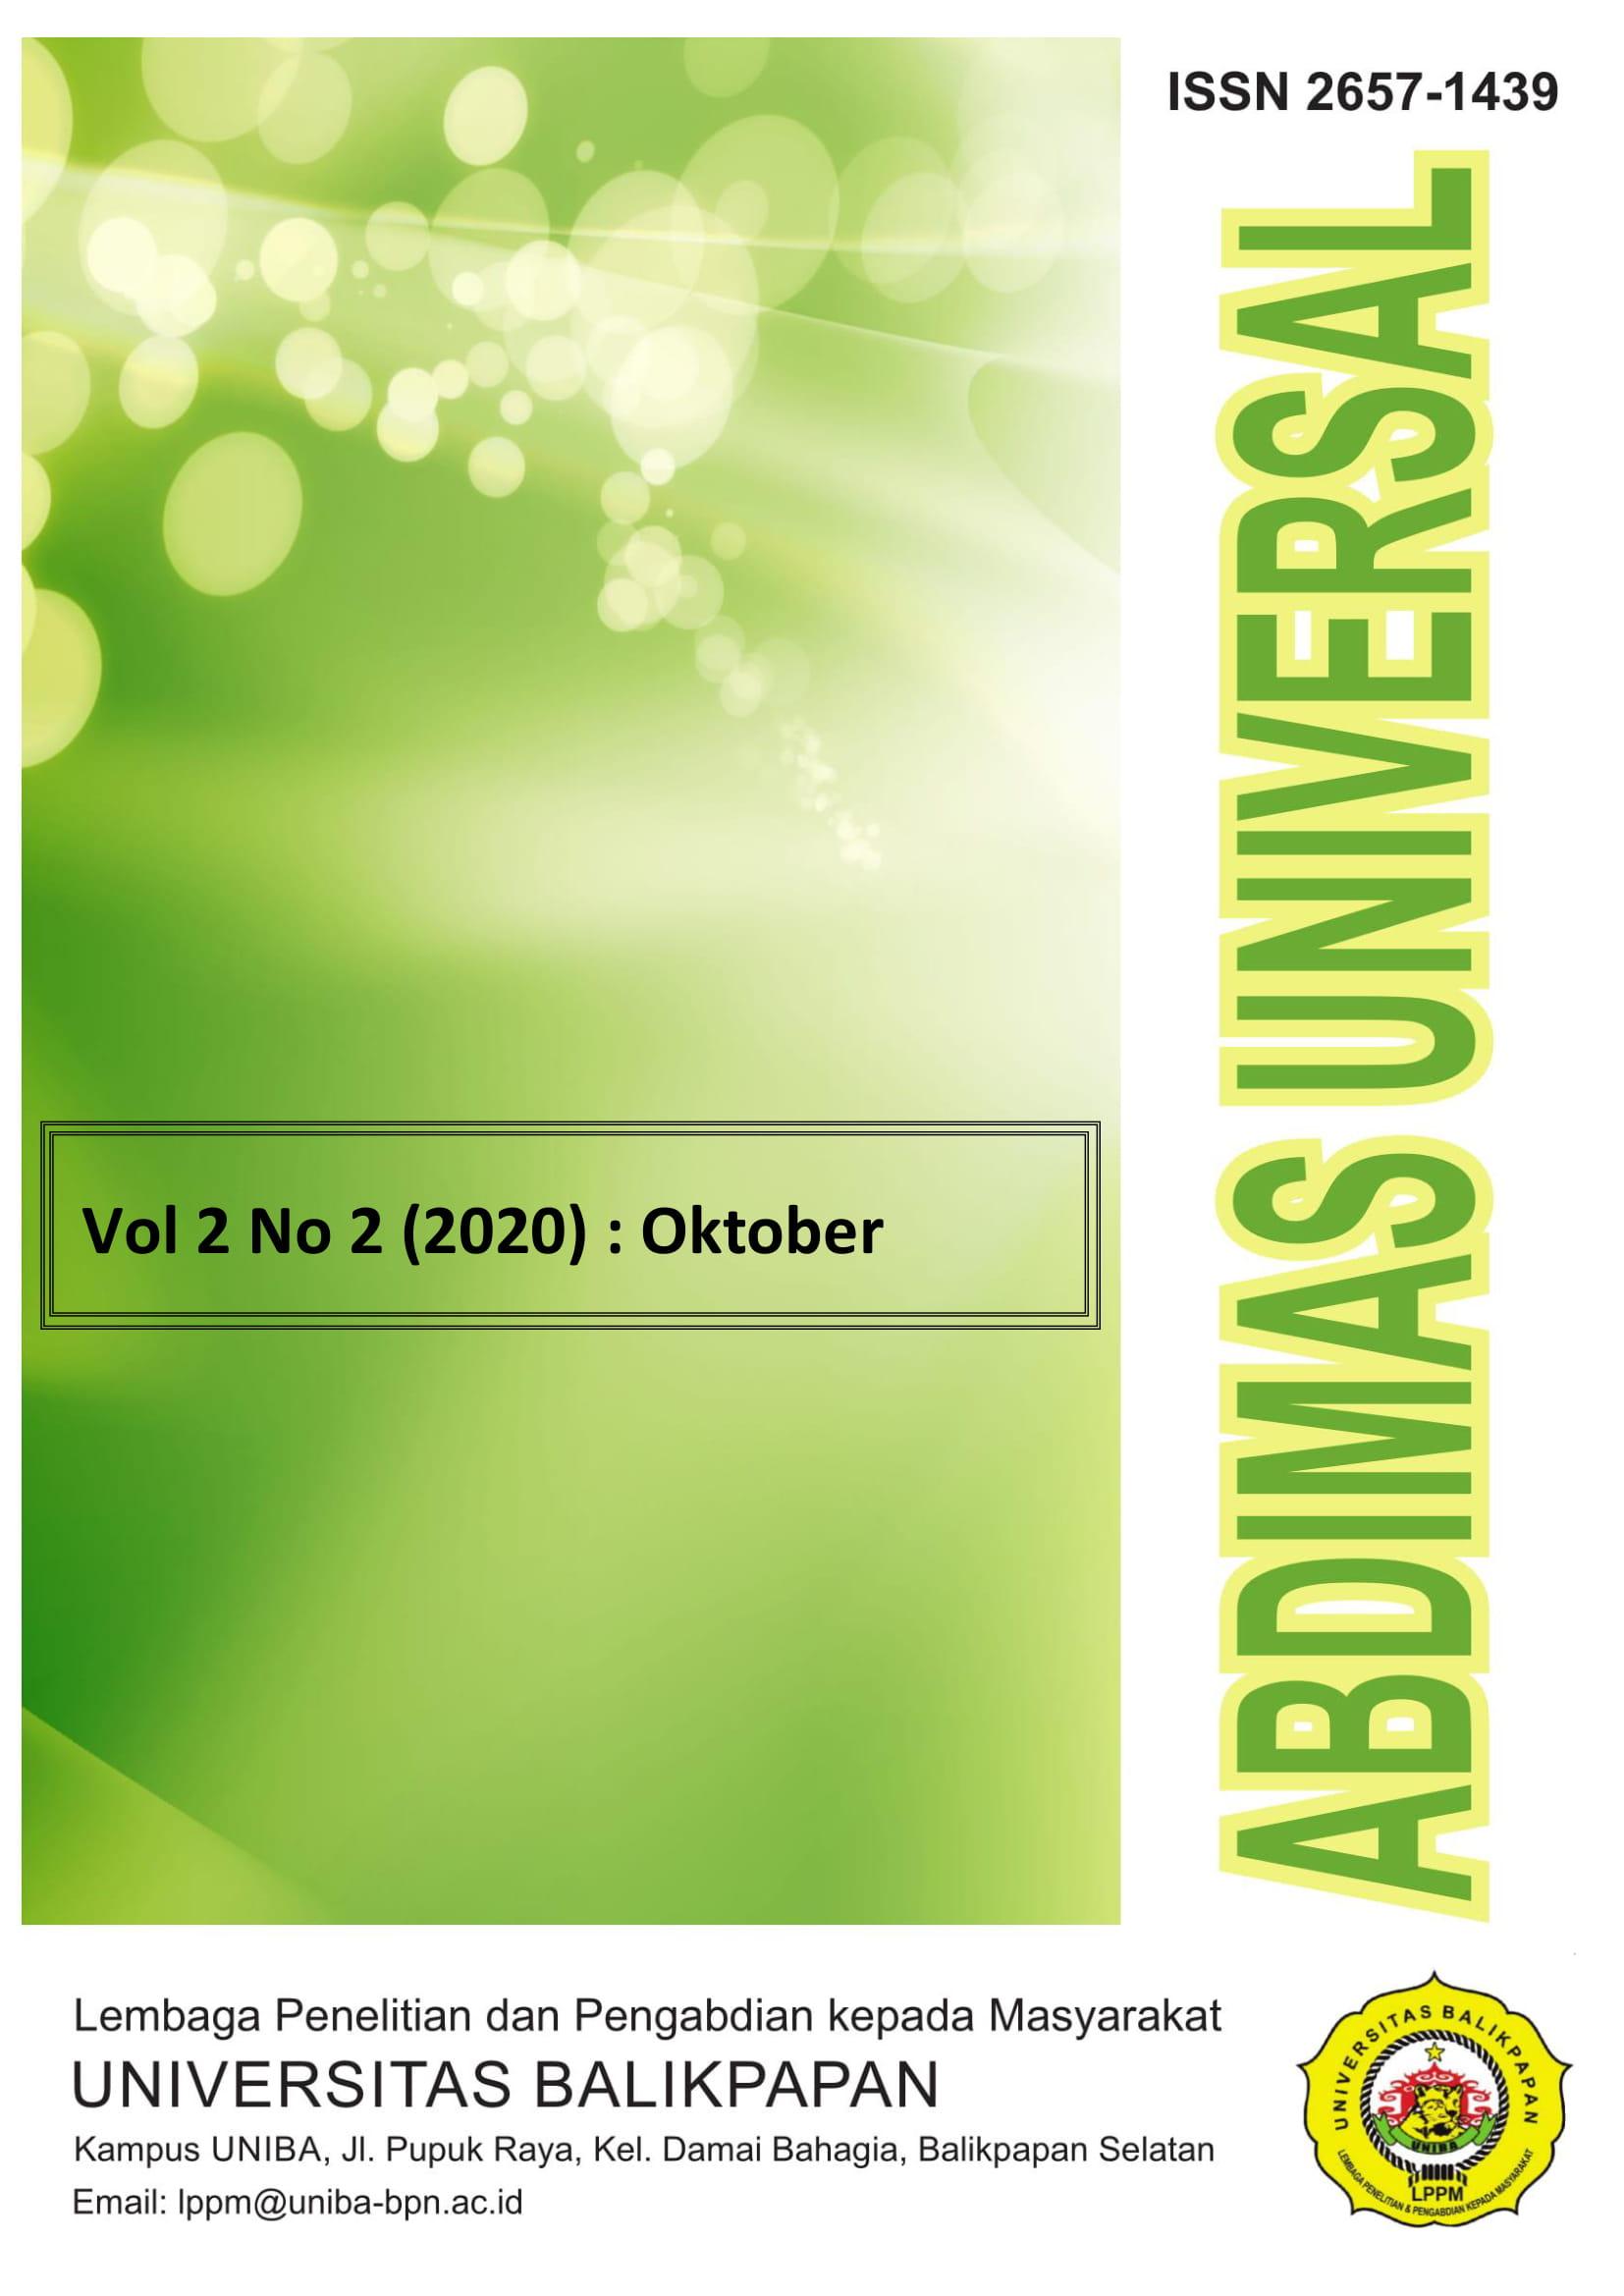 View Vol. 2 No. 2 (2020): Oktober